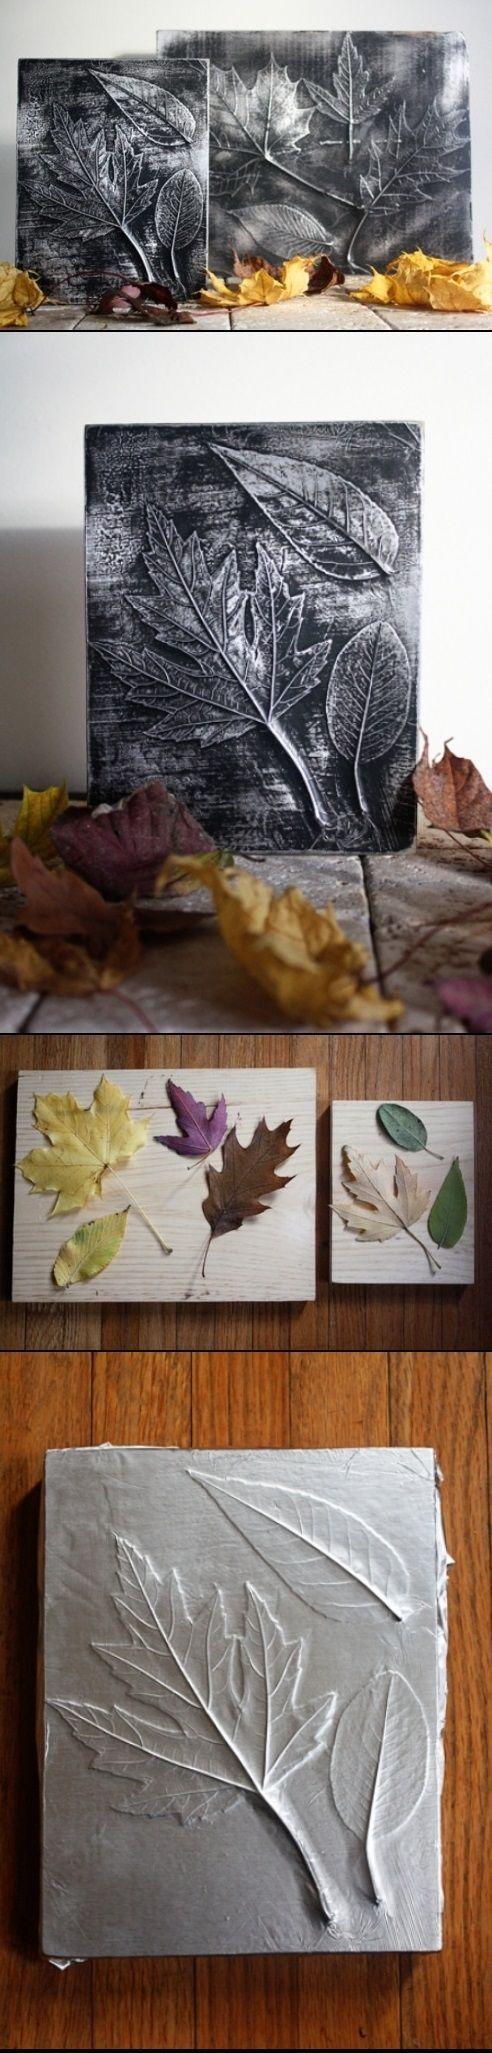 Листья и фольга, украшения для стен, Как добавить немного цвета невзрачному интерьеру | STENA.ee